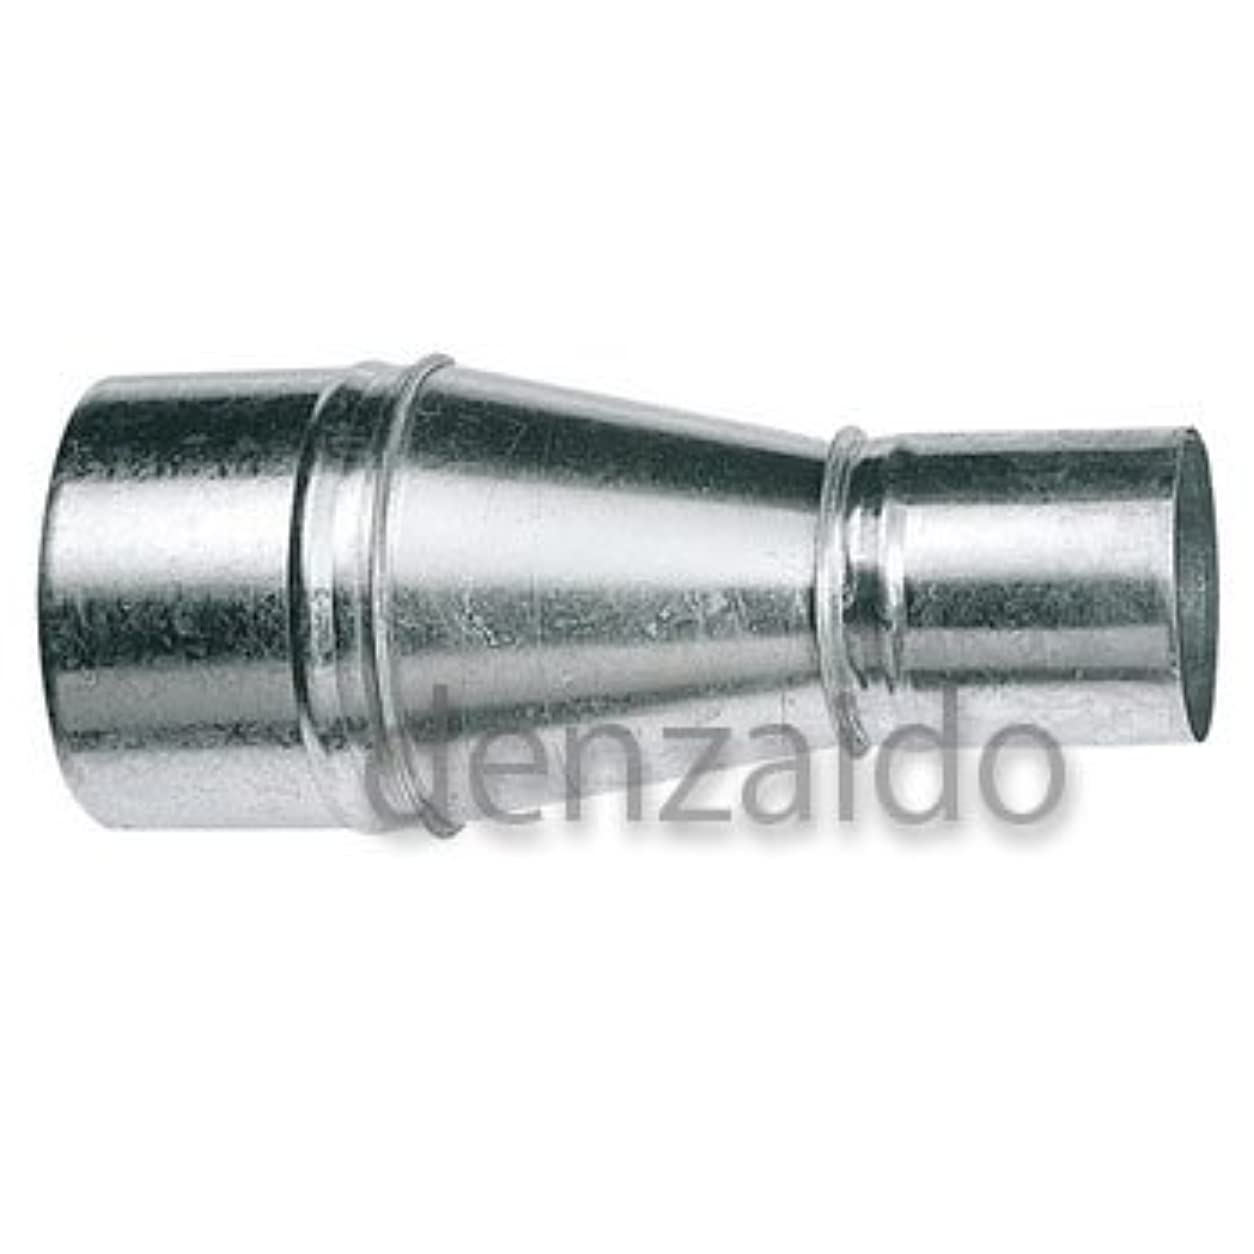 インレイ飲食店正規化バクマ工業 片落管(レジューサー) 呼び径150×100 SPD-R150×100